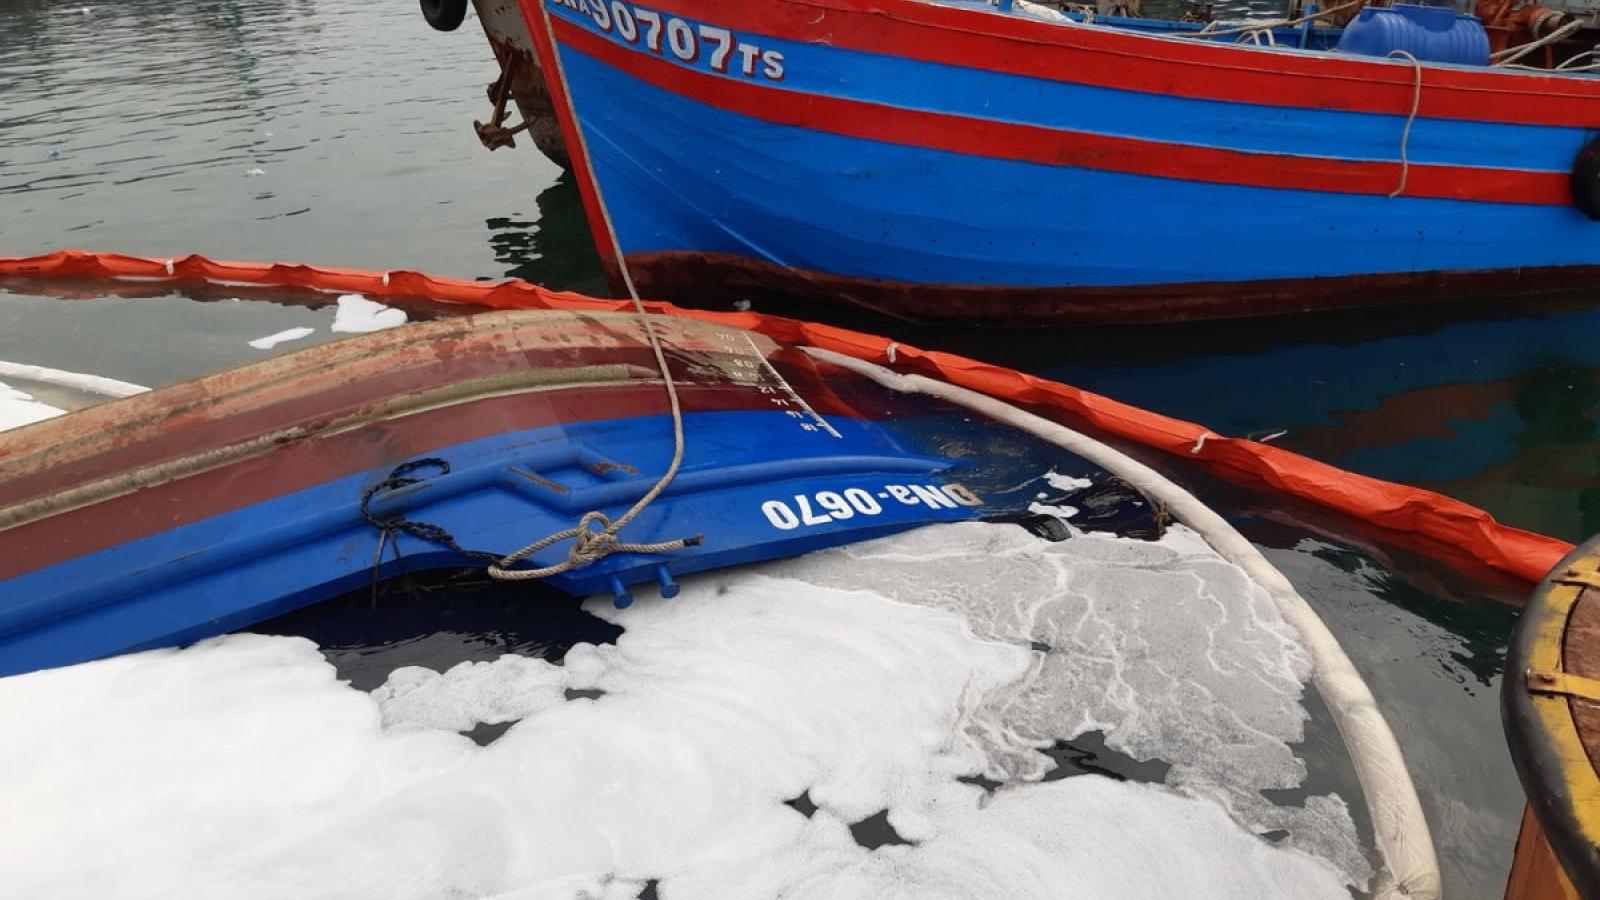 Chính phủ yêu cầu tăng cường bảo vệ môi trường trong hoạt động đường thủy nội địa